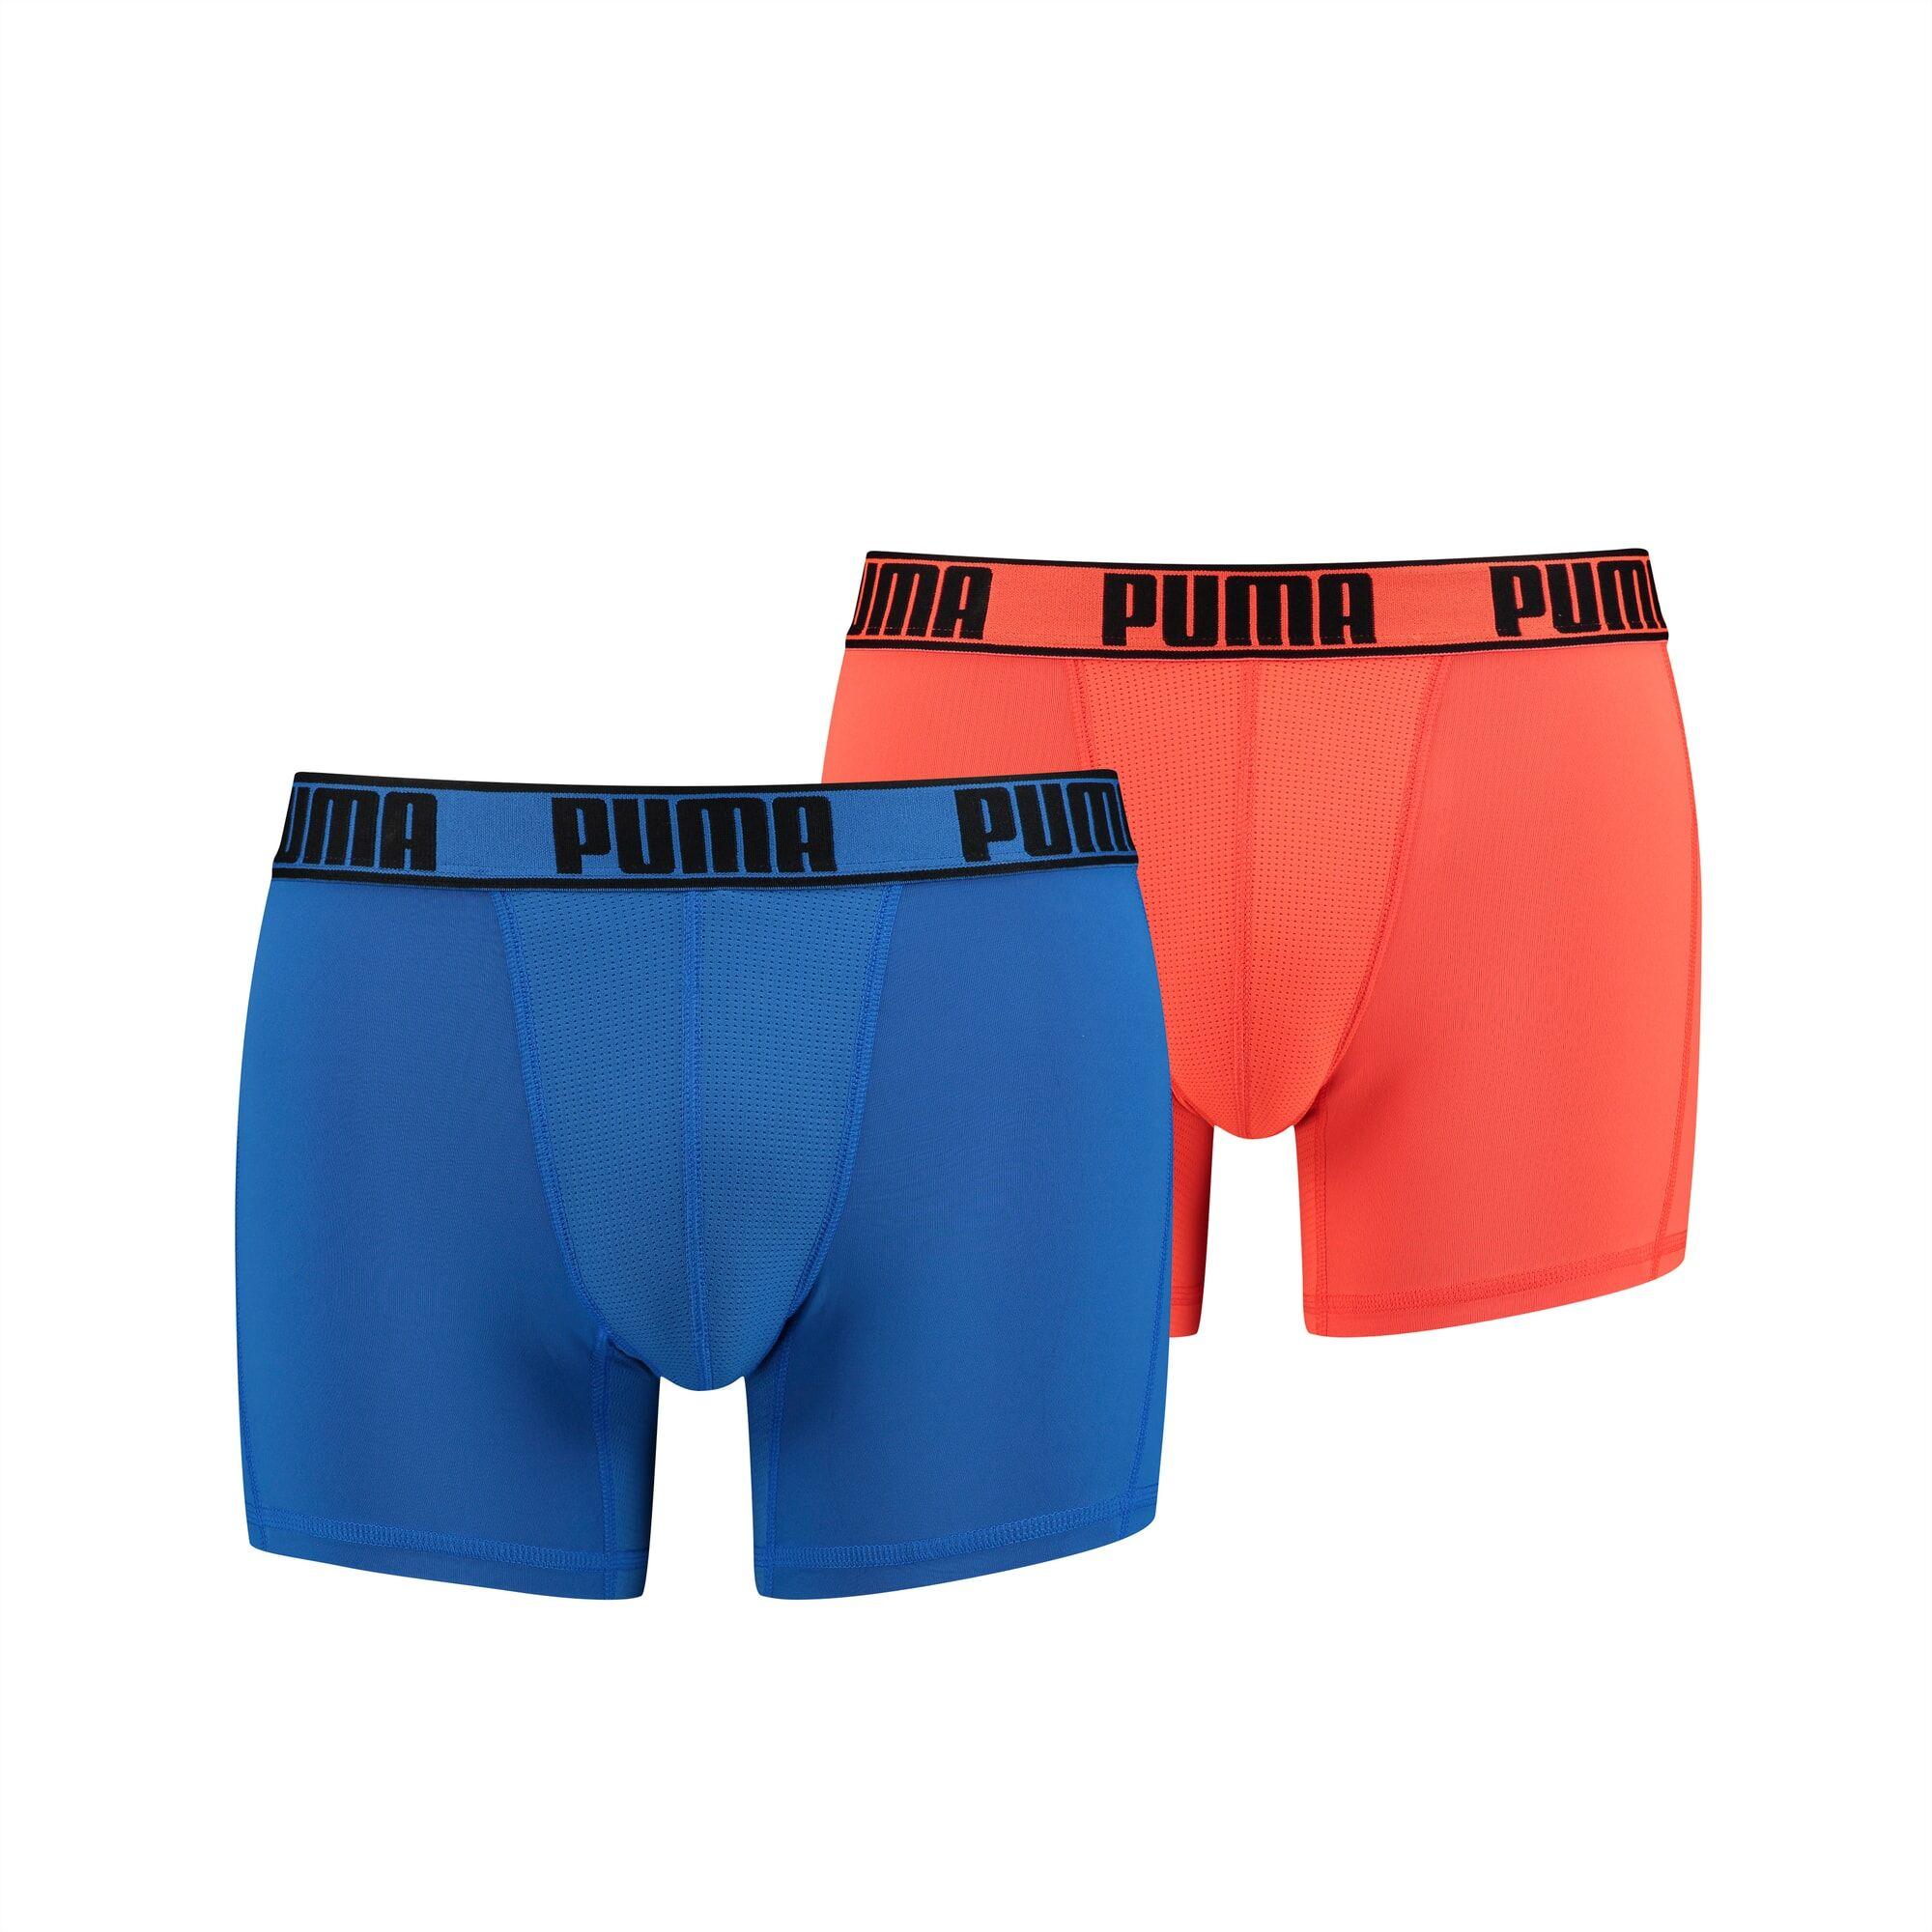 PUMA Lot de 2 boxers Active pour Homme, Orange/Bleu, Taille XXL, Vêtements